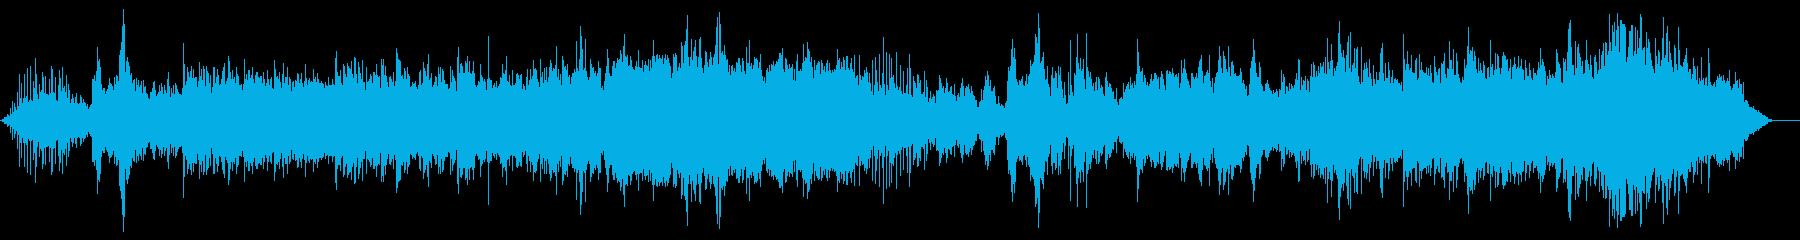 アンビエント風音楽ー梅雨の再生済みの波形